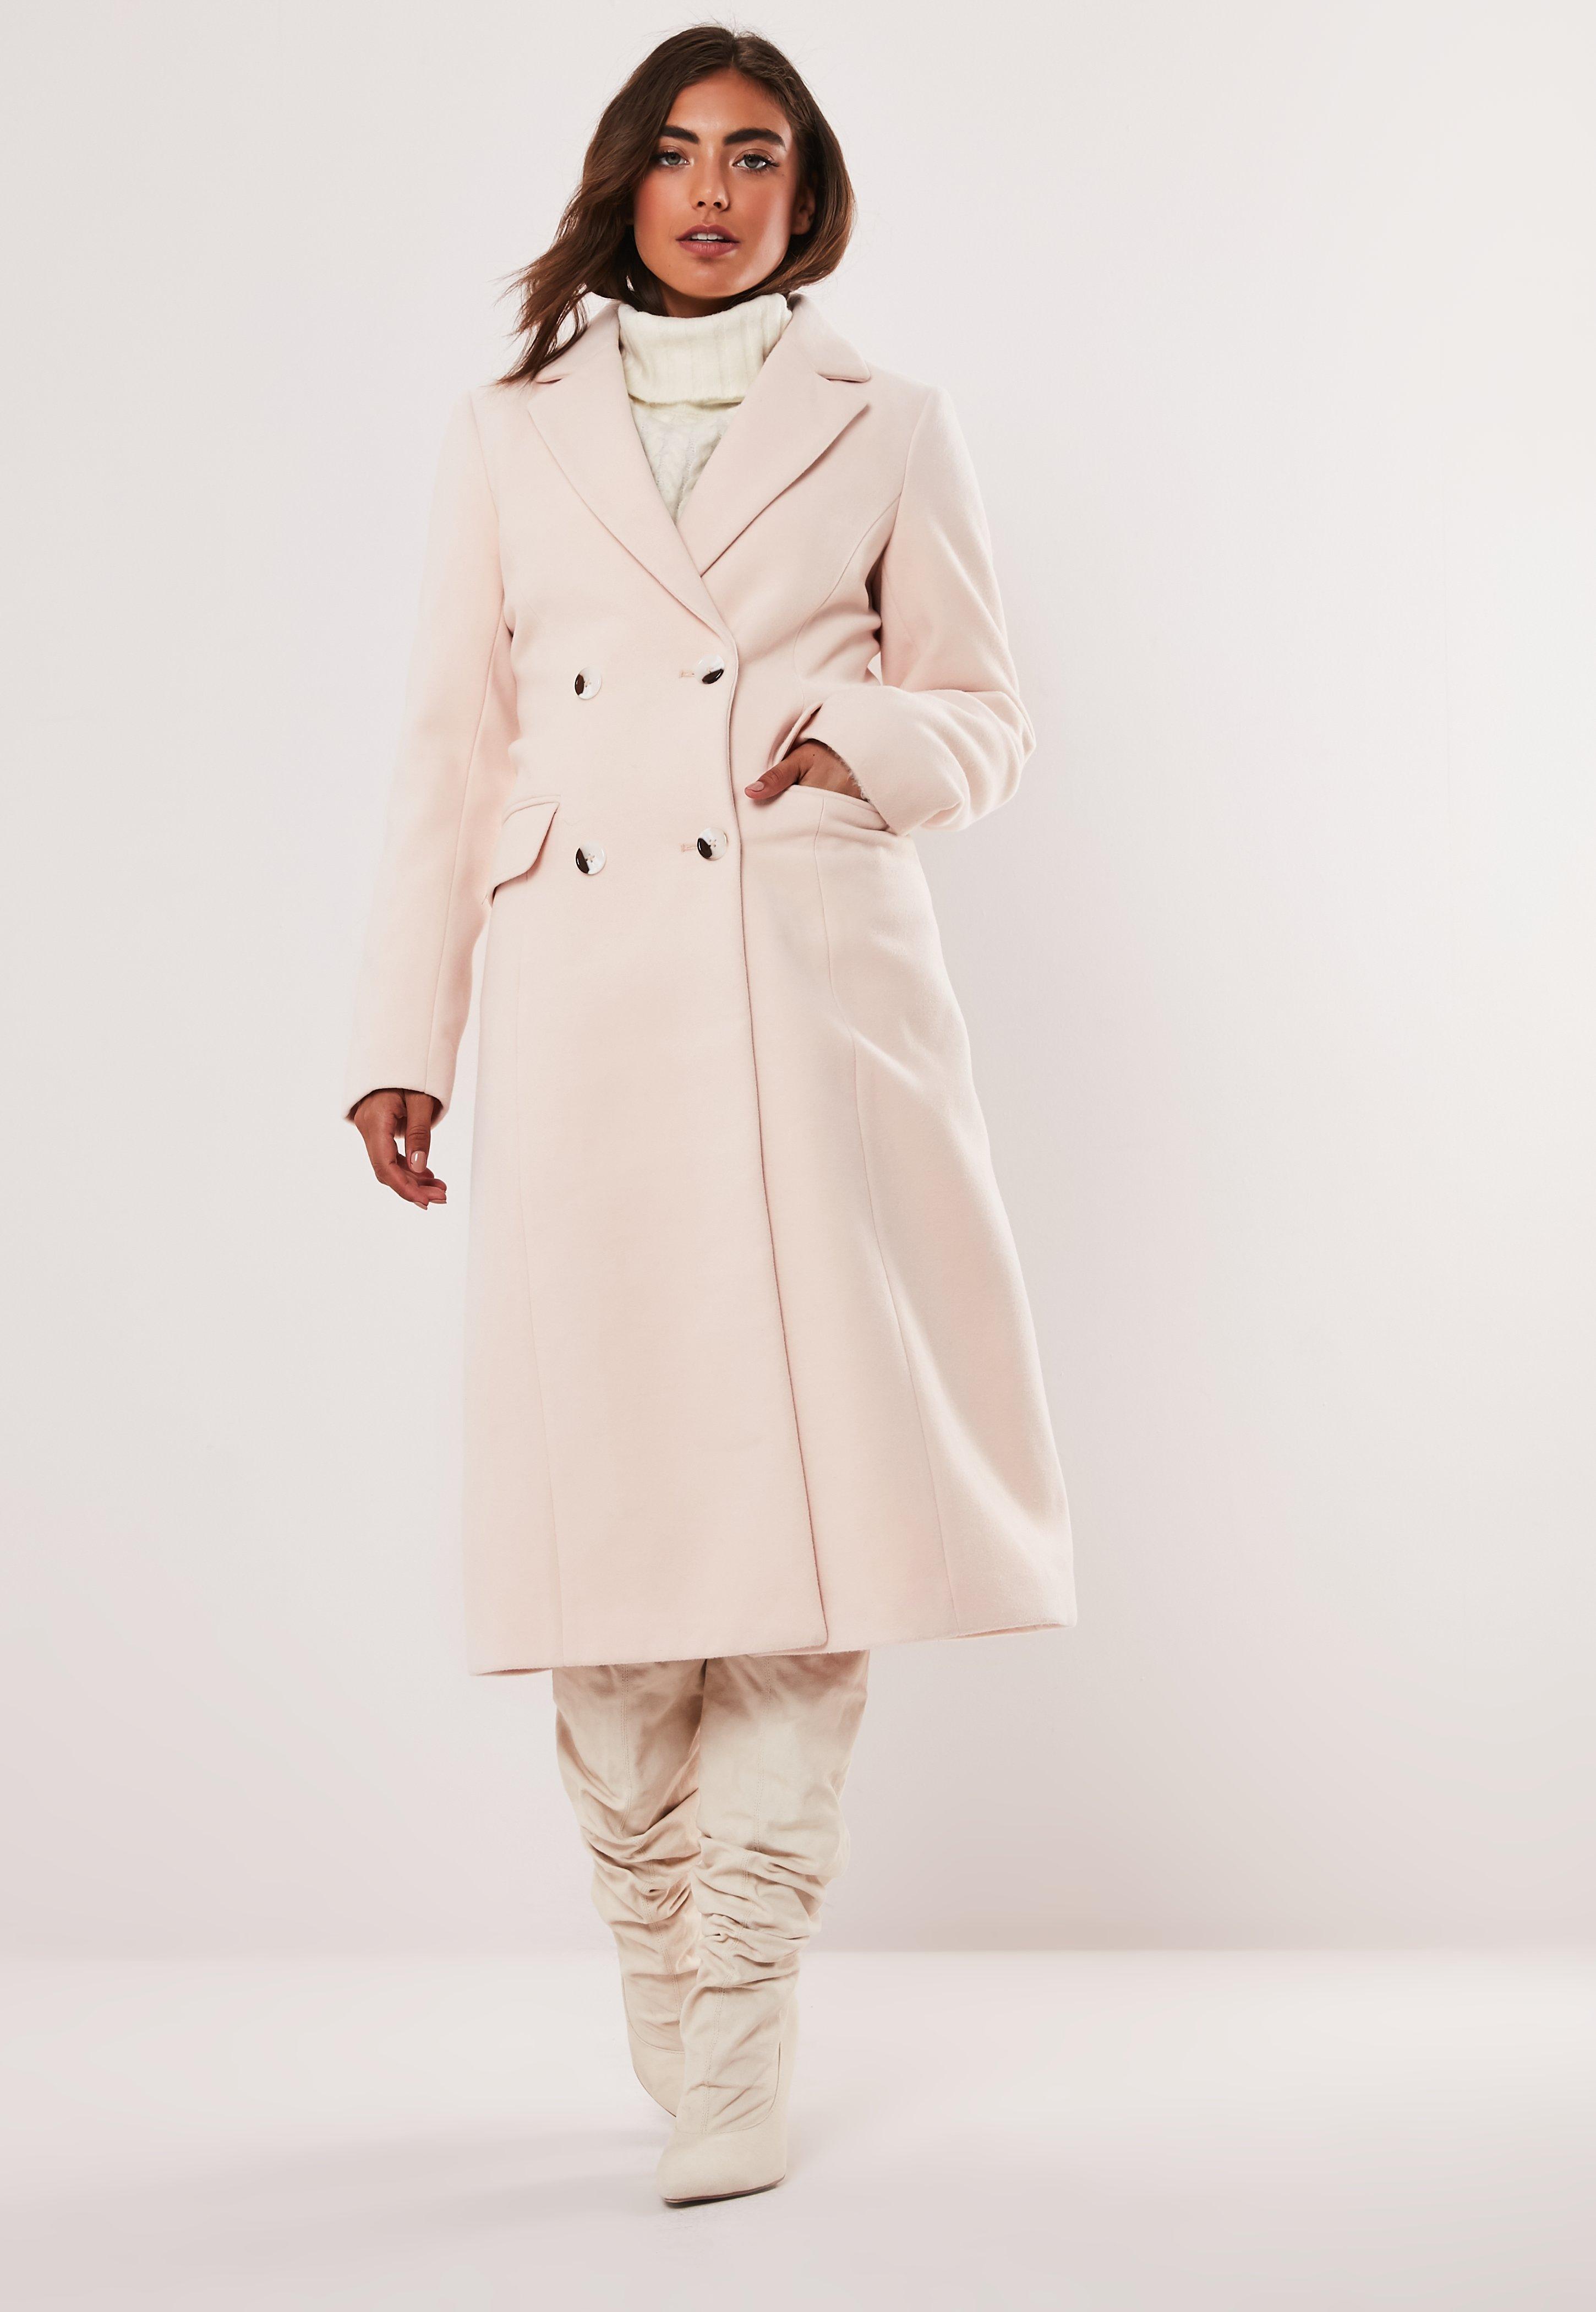 cf6d26726c1 Nude Maxi Formal Coat